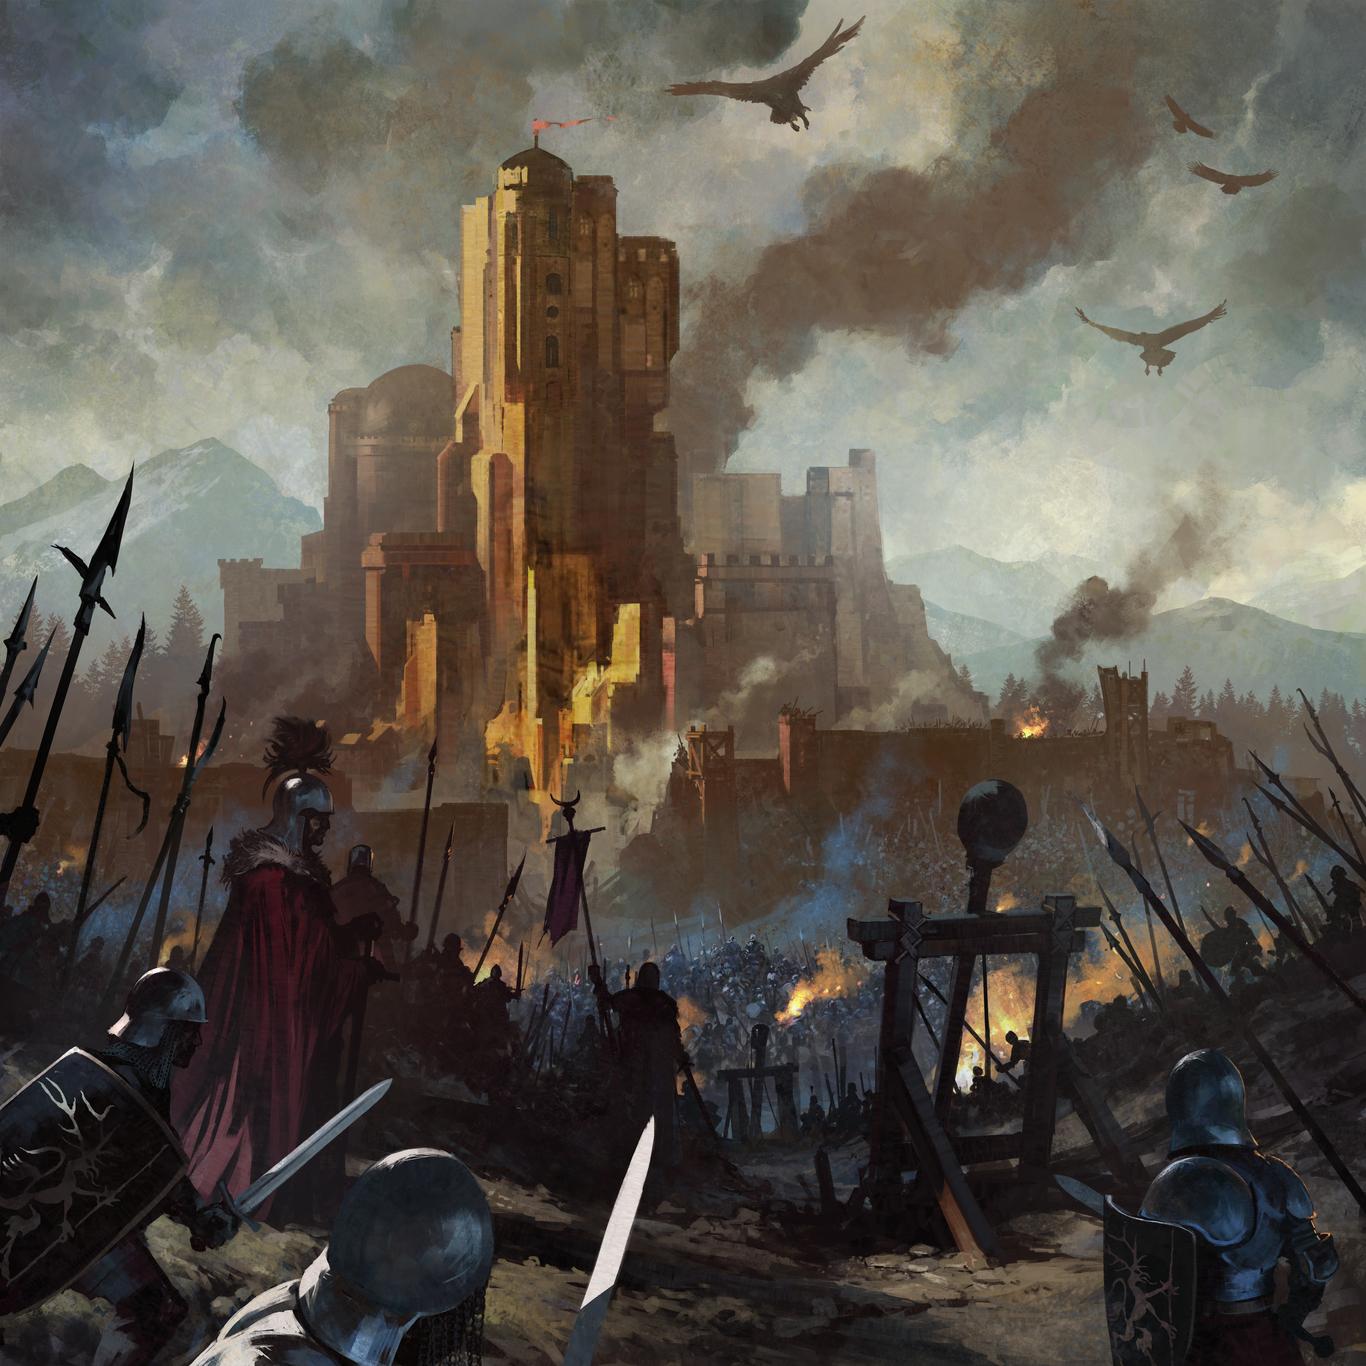 Morano exiled siege 1 2e7a06d9 tq22